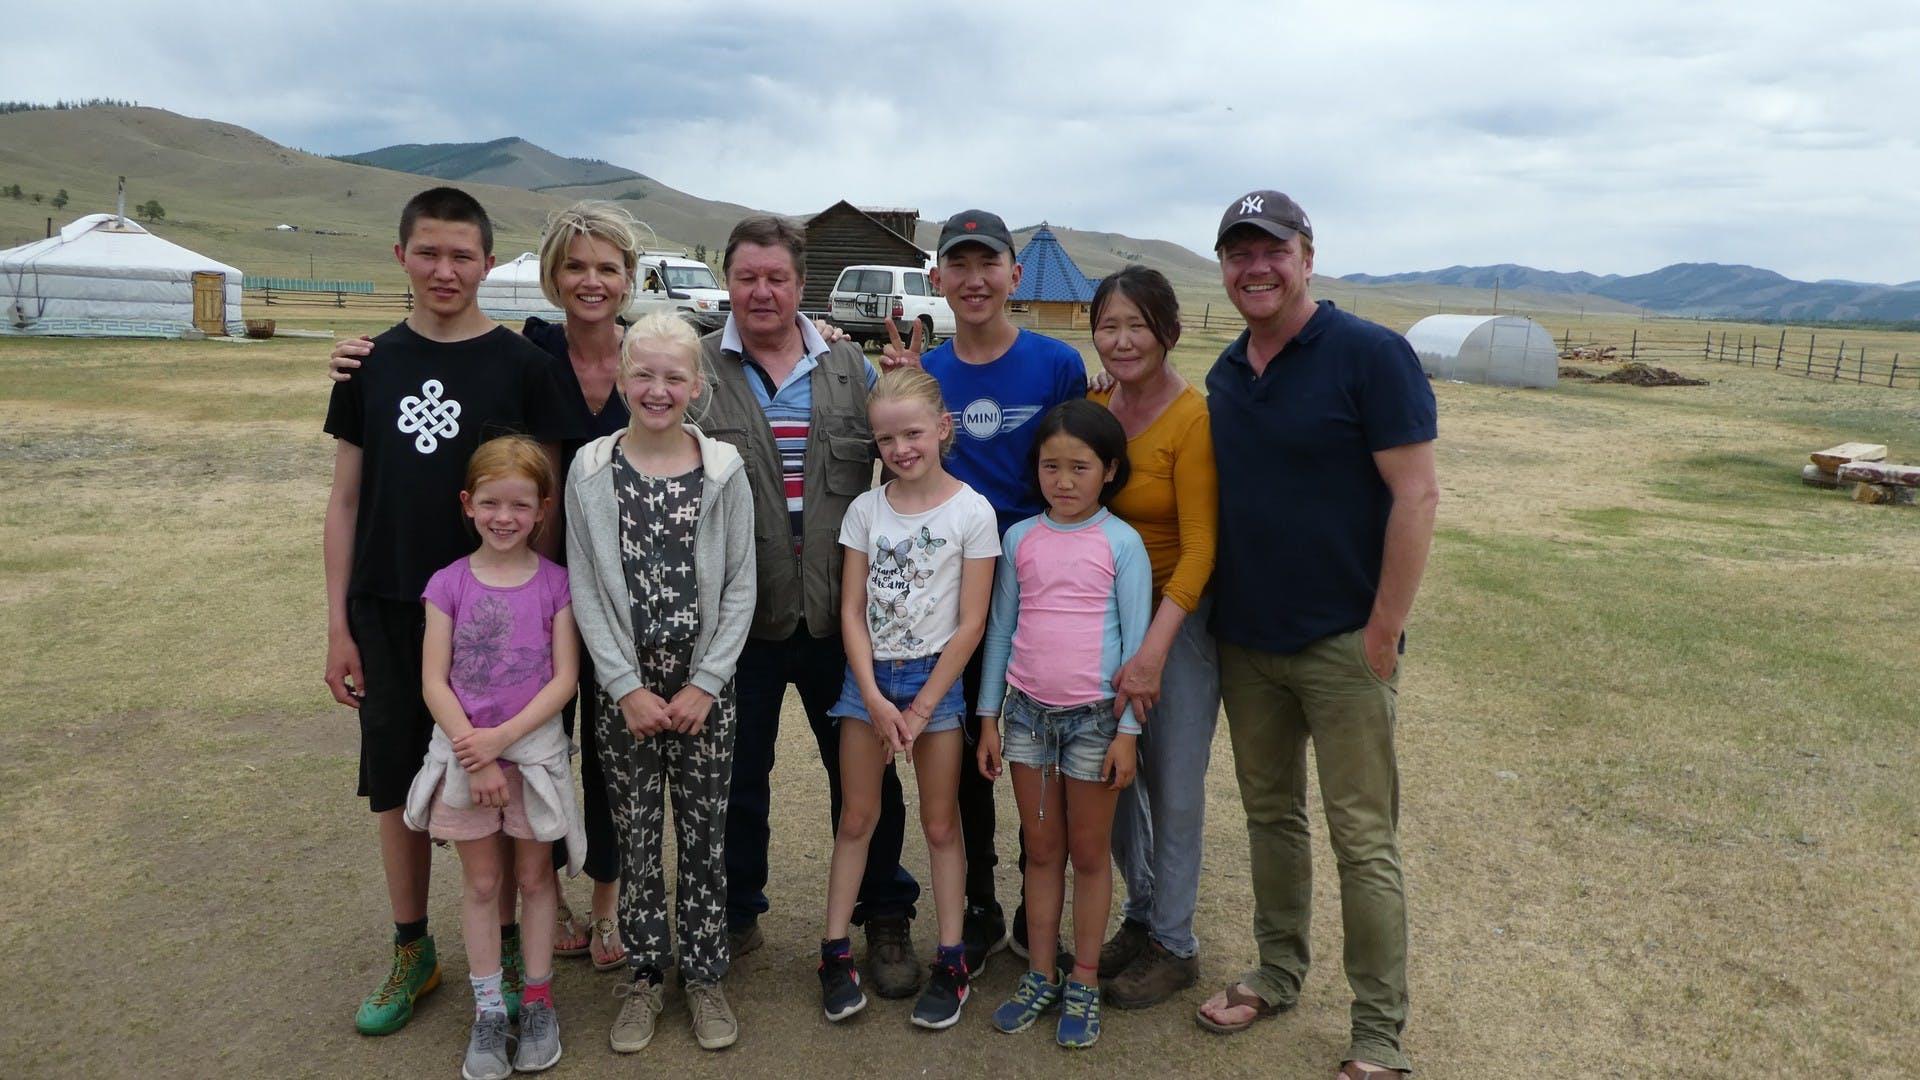 De familie Ragas in Mongolië